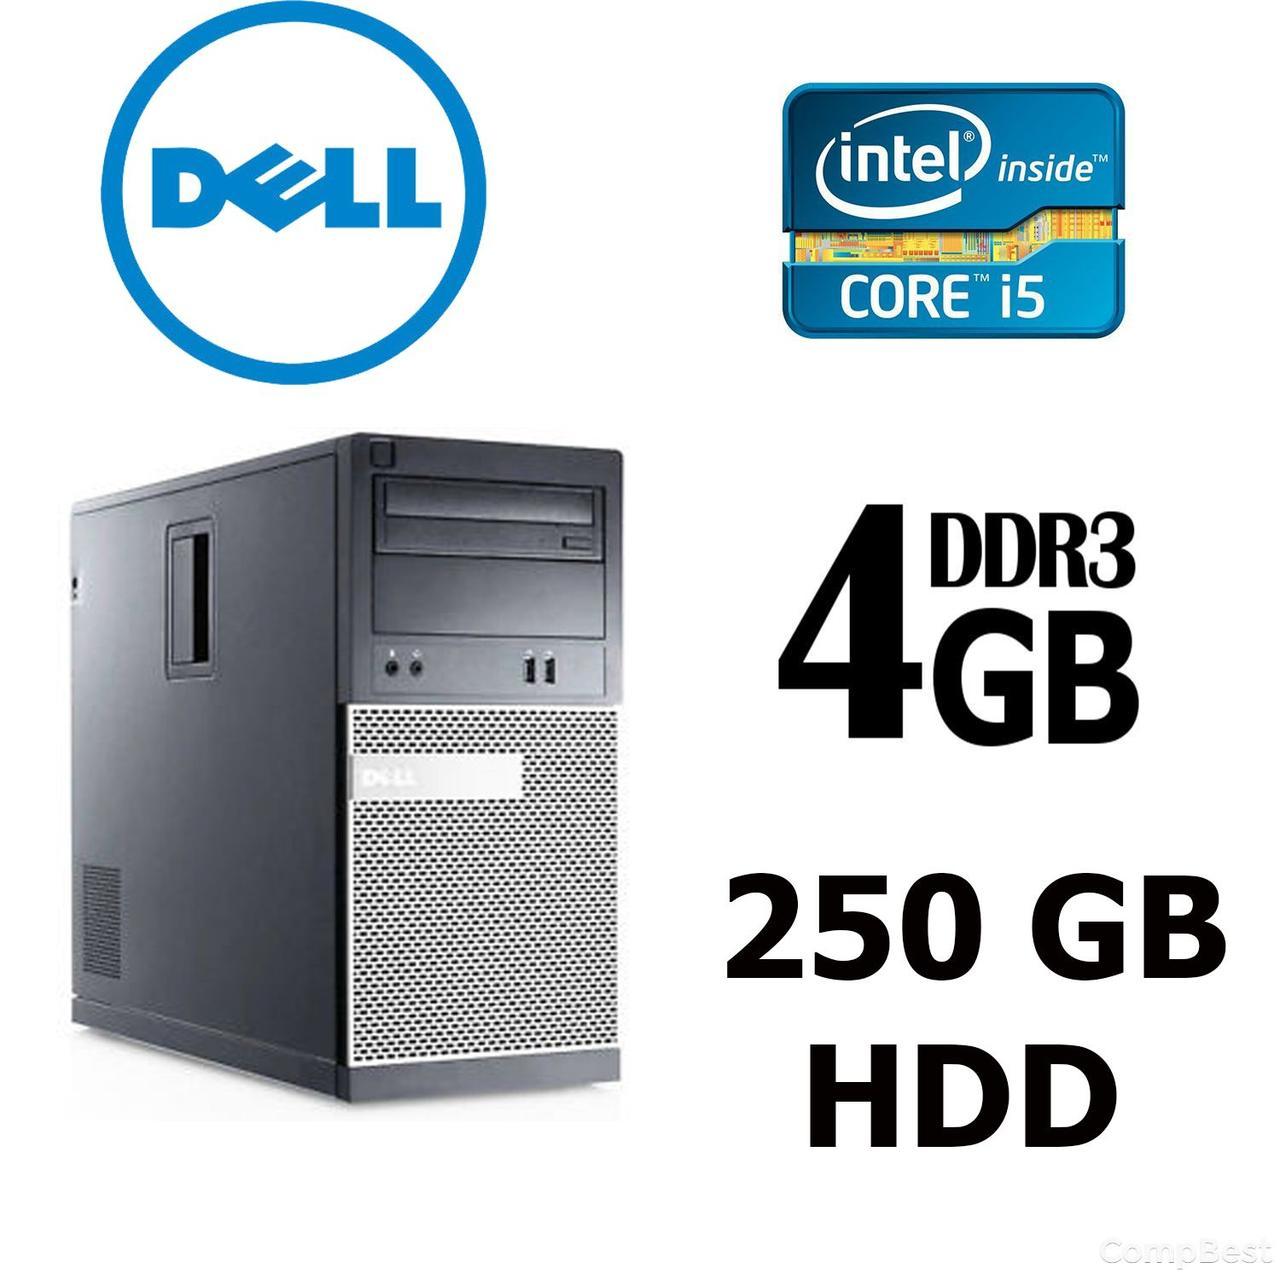 Dell Optiplex 3010 ATX / Intel® Core™ i5-3470 (4 ядра по 3.2 - 3.6 GHz) / 4GB DDR3 / 250GB